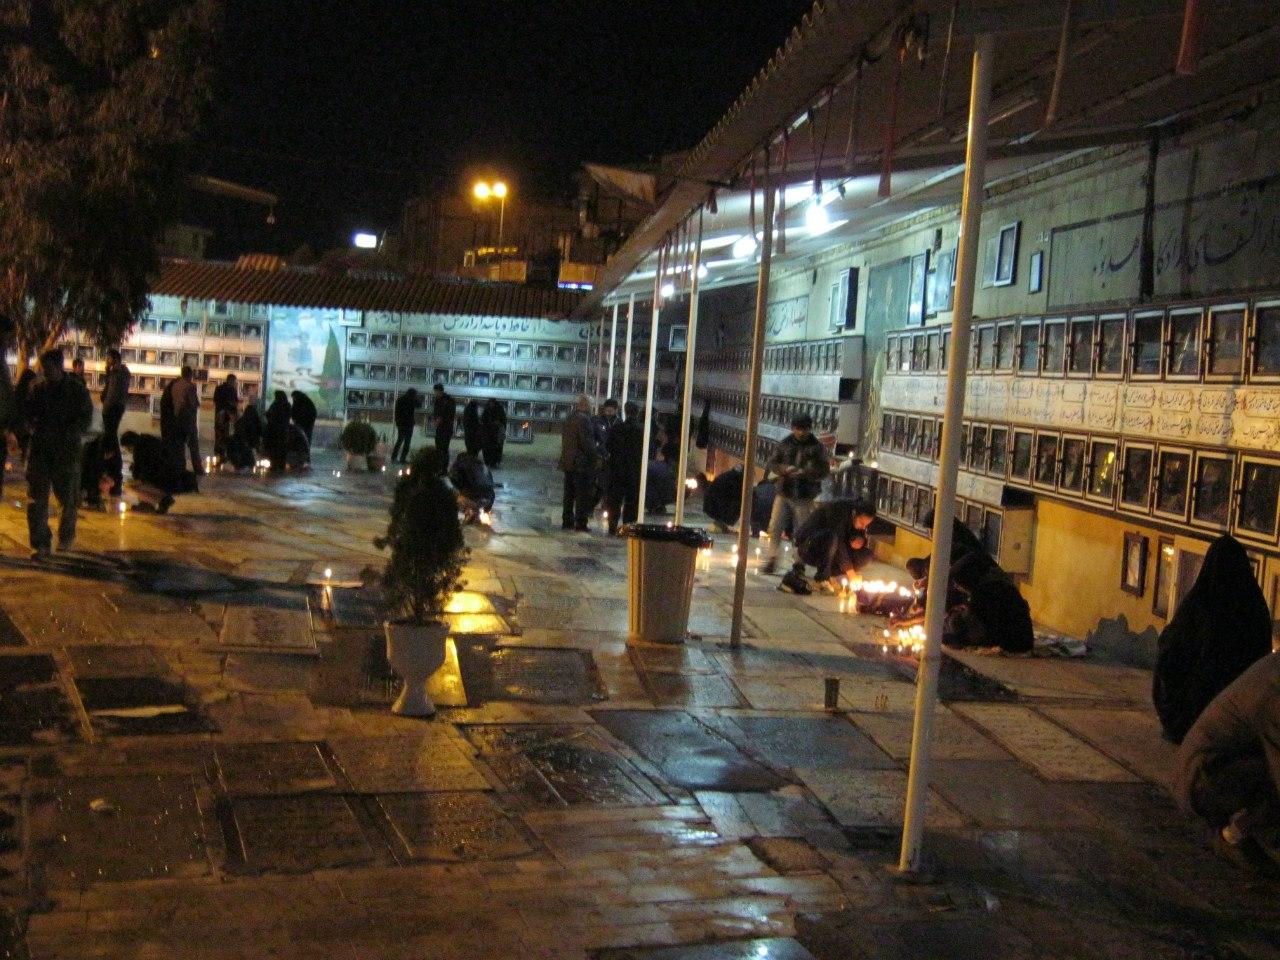 народ жжёт свечи в память об Али Хуссейне